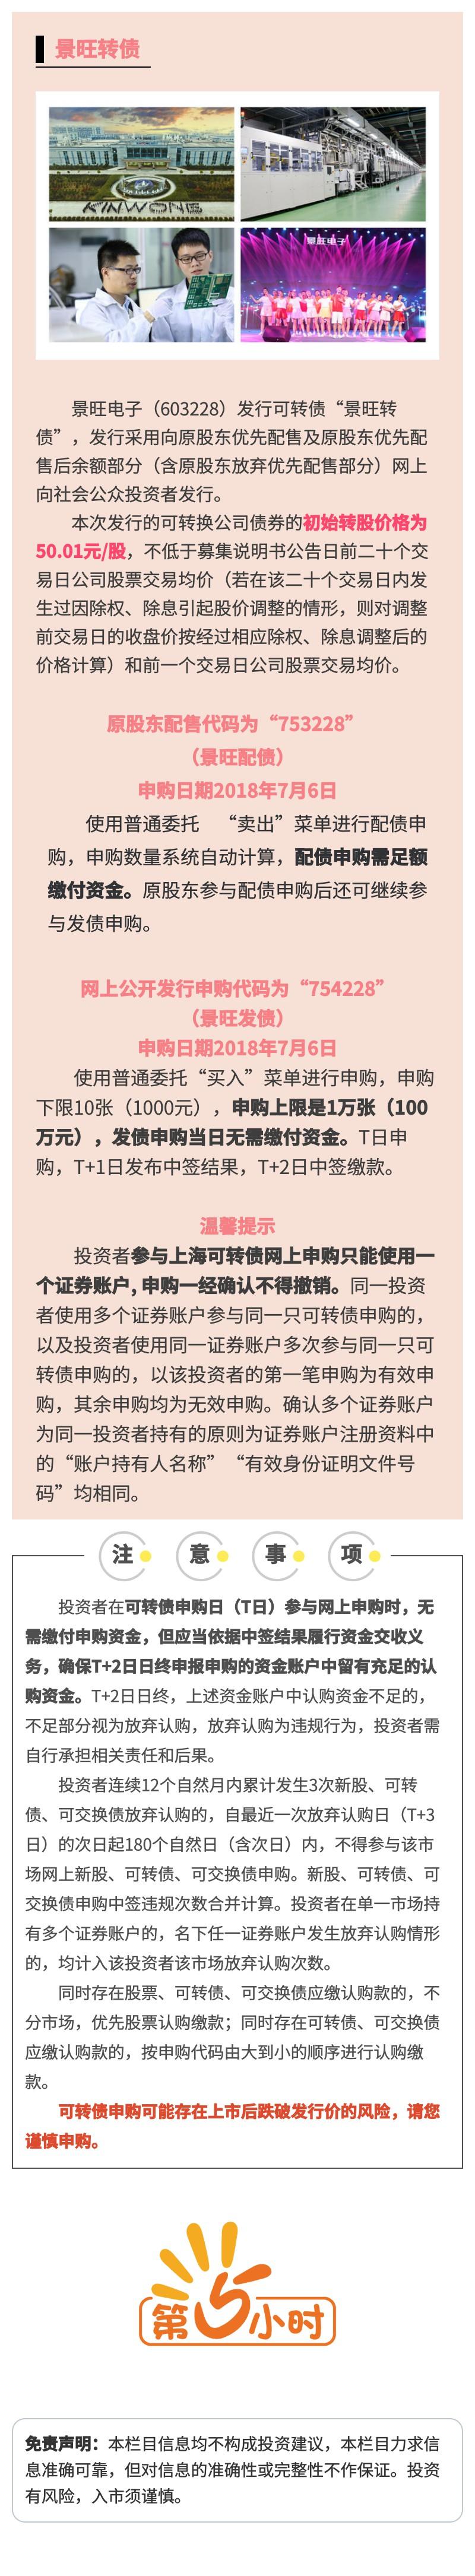 【新债申购】景旺电子(603228)公开发行可转换公司债券.jpg